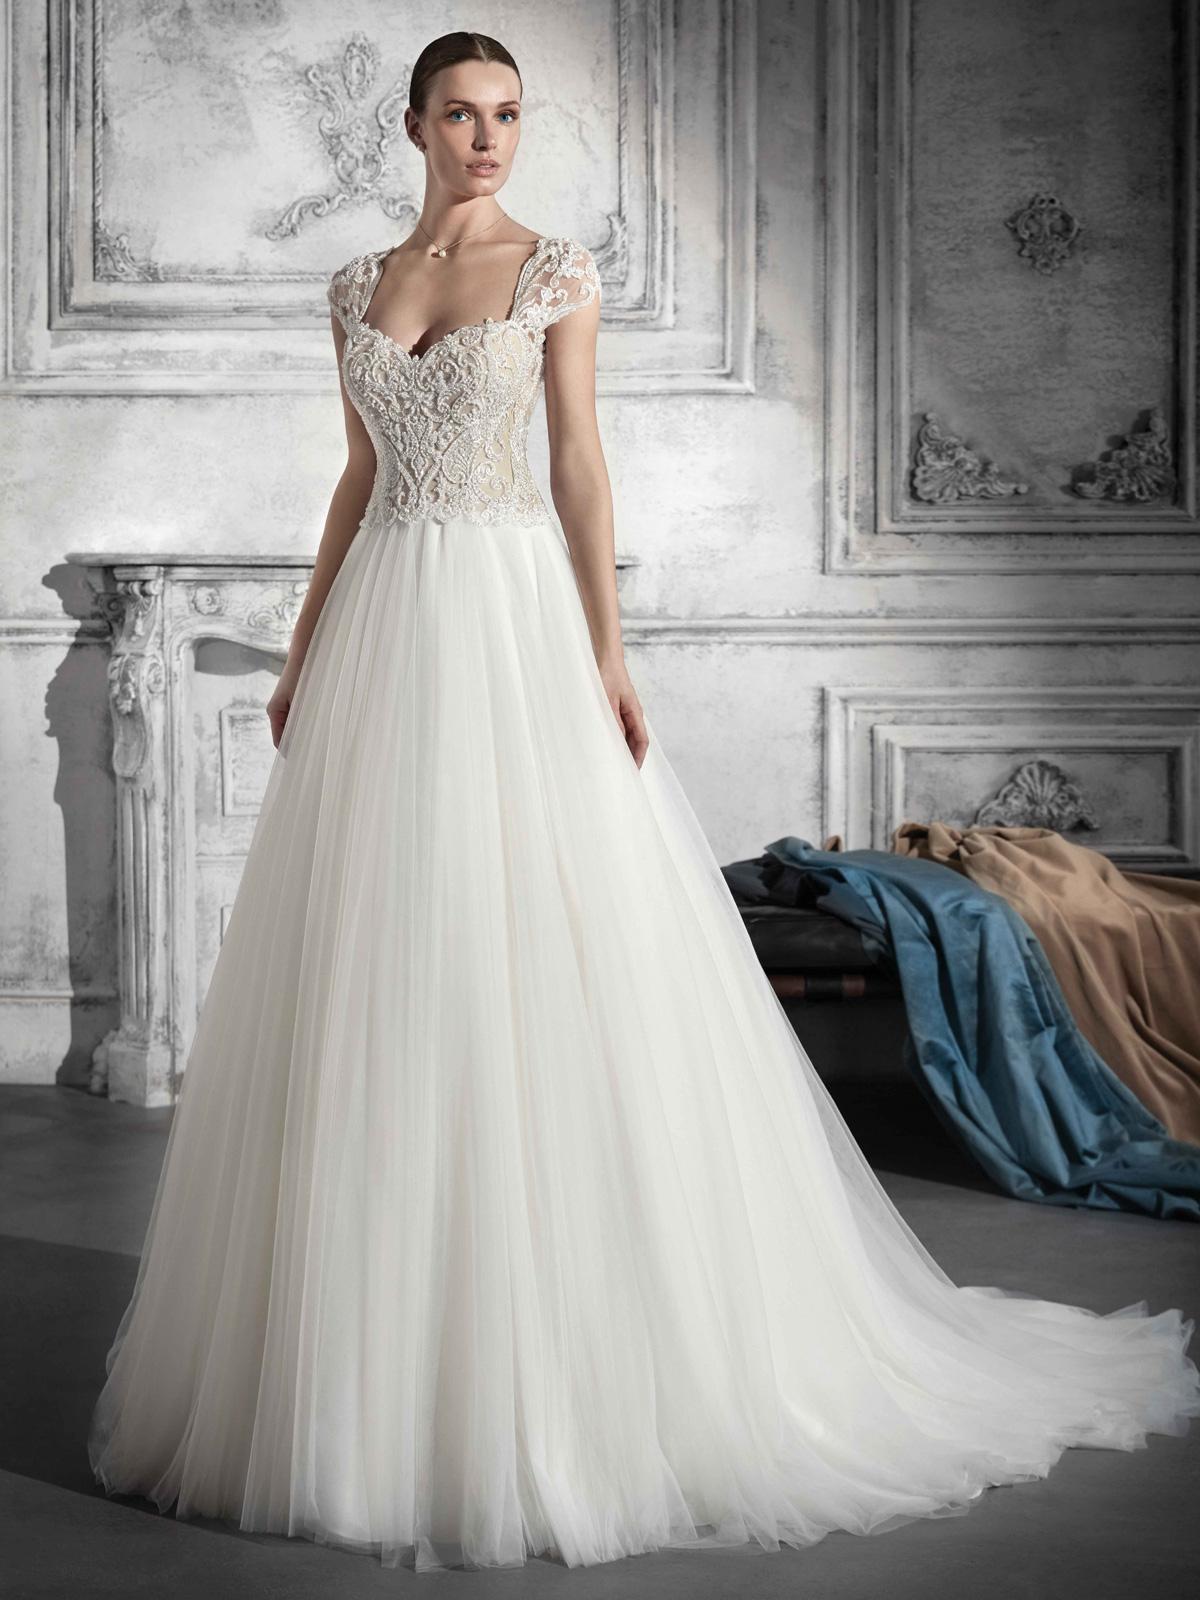 Vestido de Noiva elegante e sofisticado ! Lindo caimento do decote com mangas e caimento perfeito !! Delicado e romântico com saia fluida em tulle francês !!